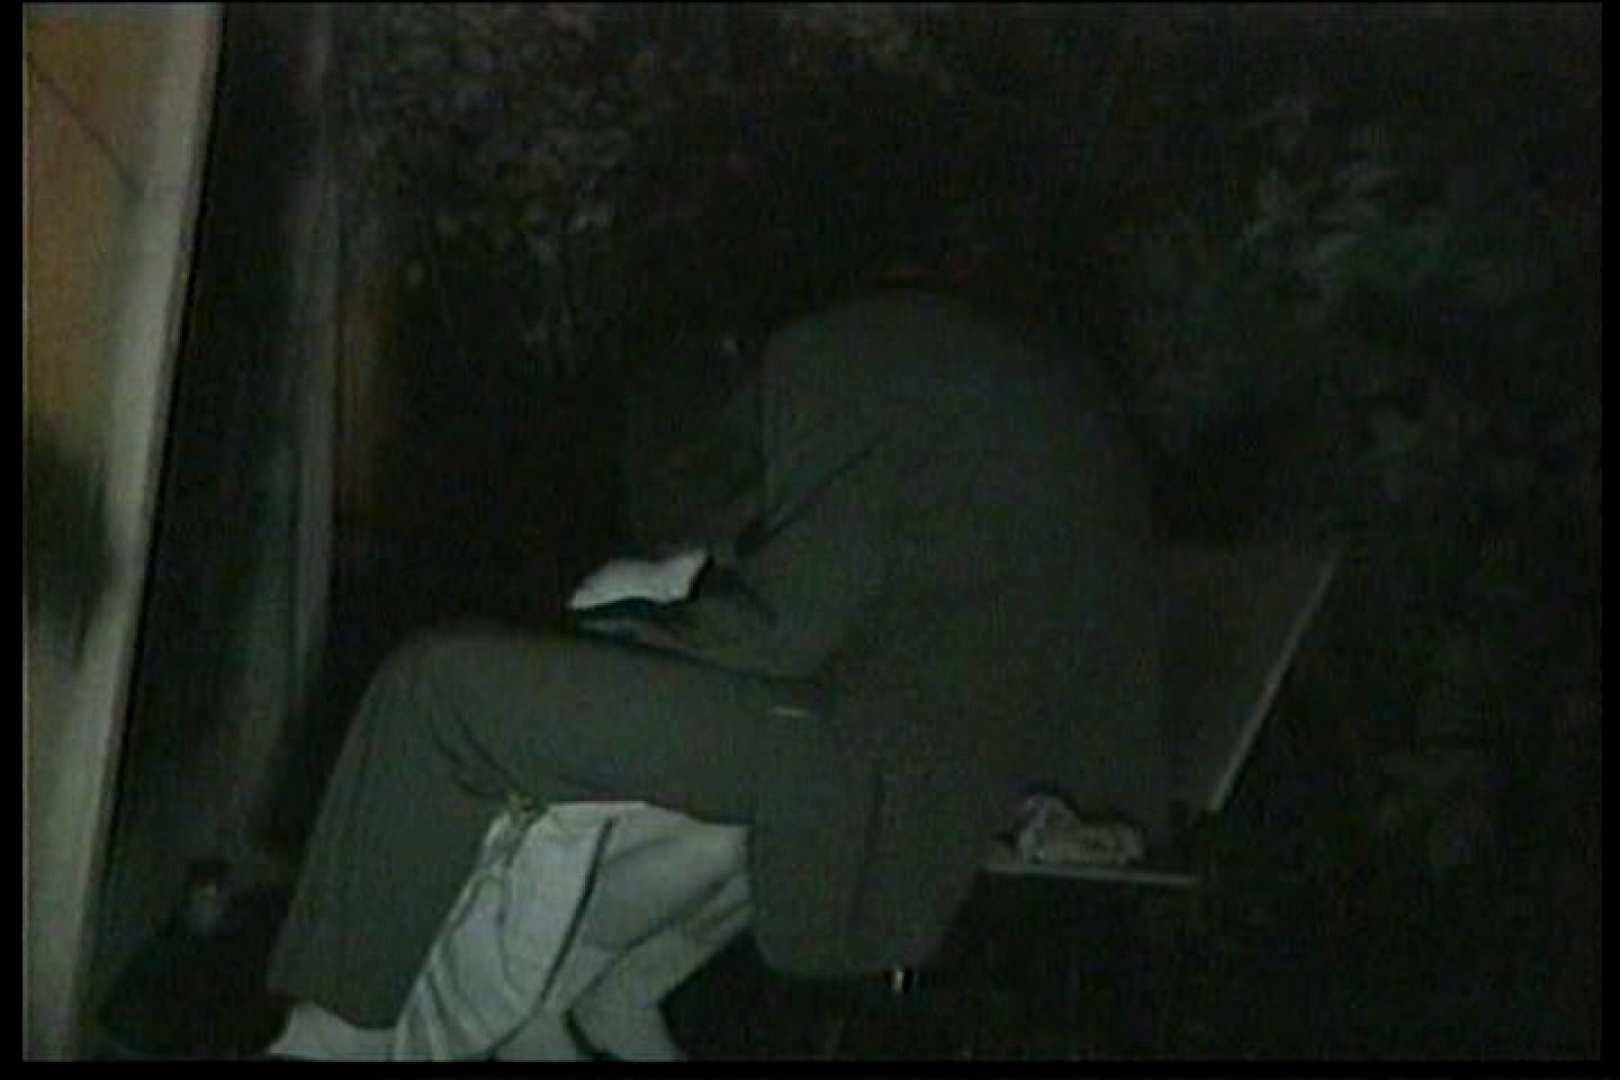 闇の仕掛け人 無修正版 Vol.16 手マン  78PIX 70